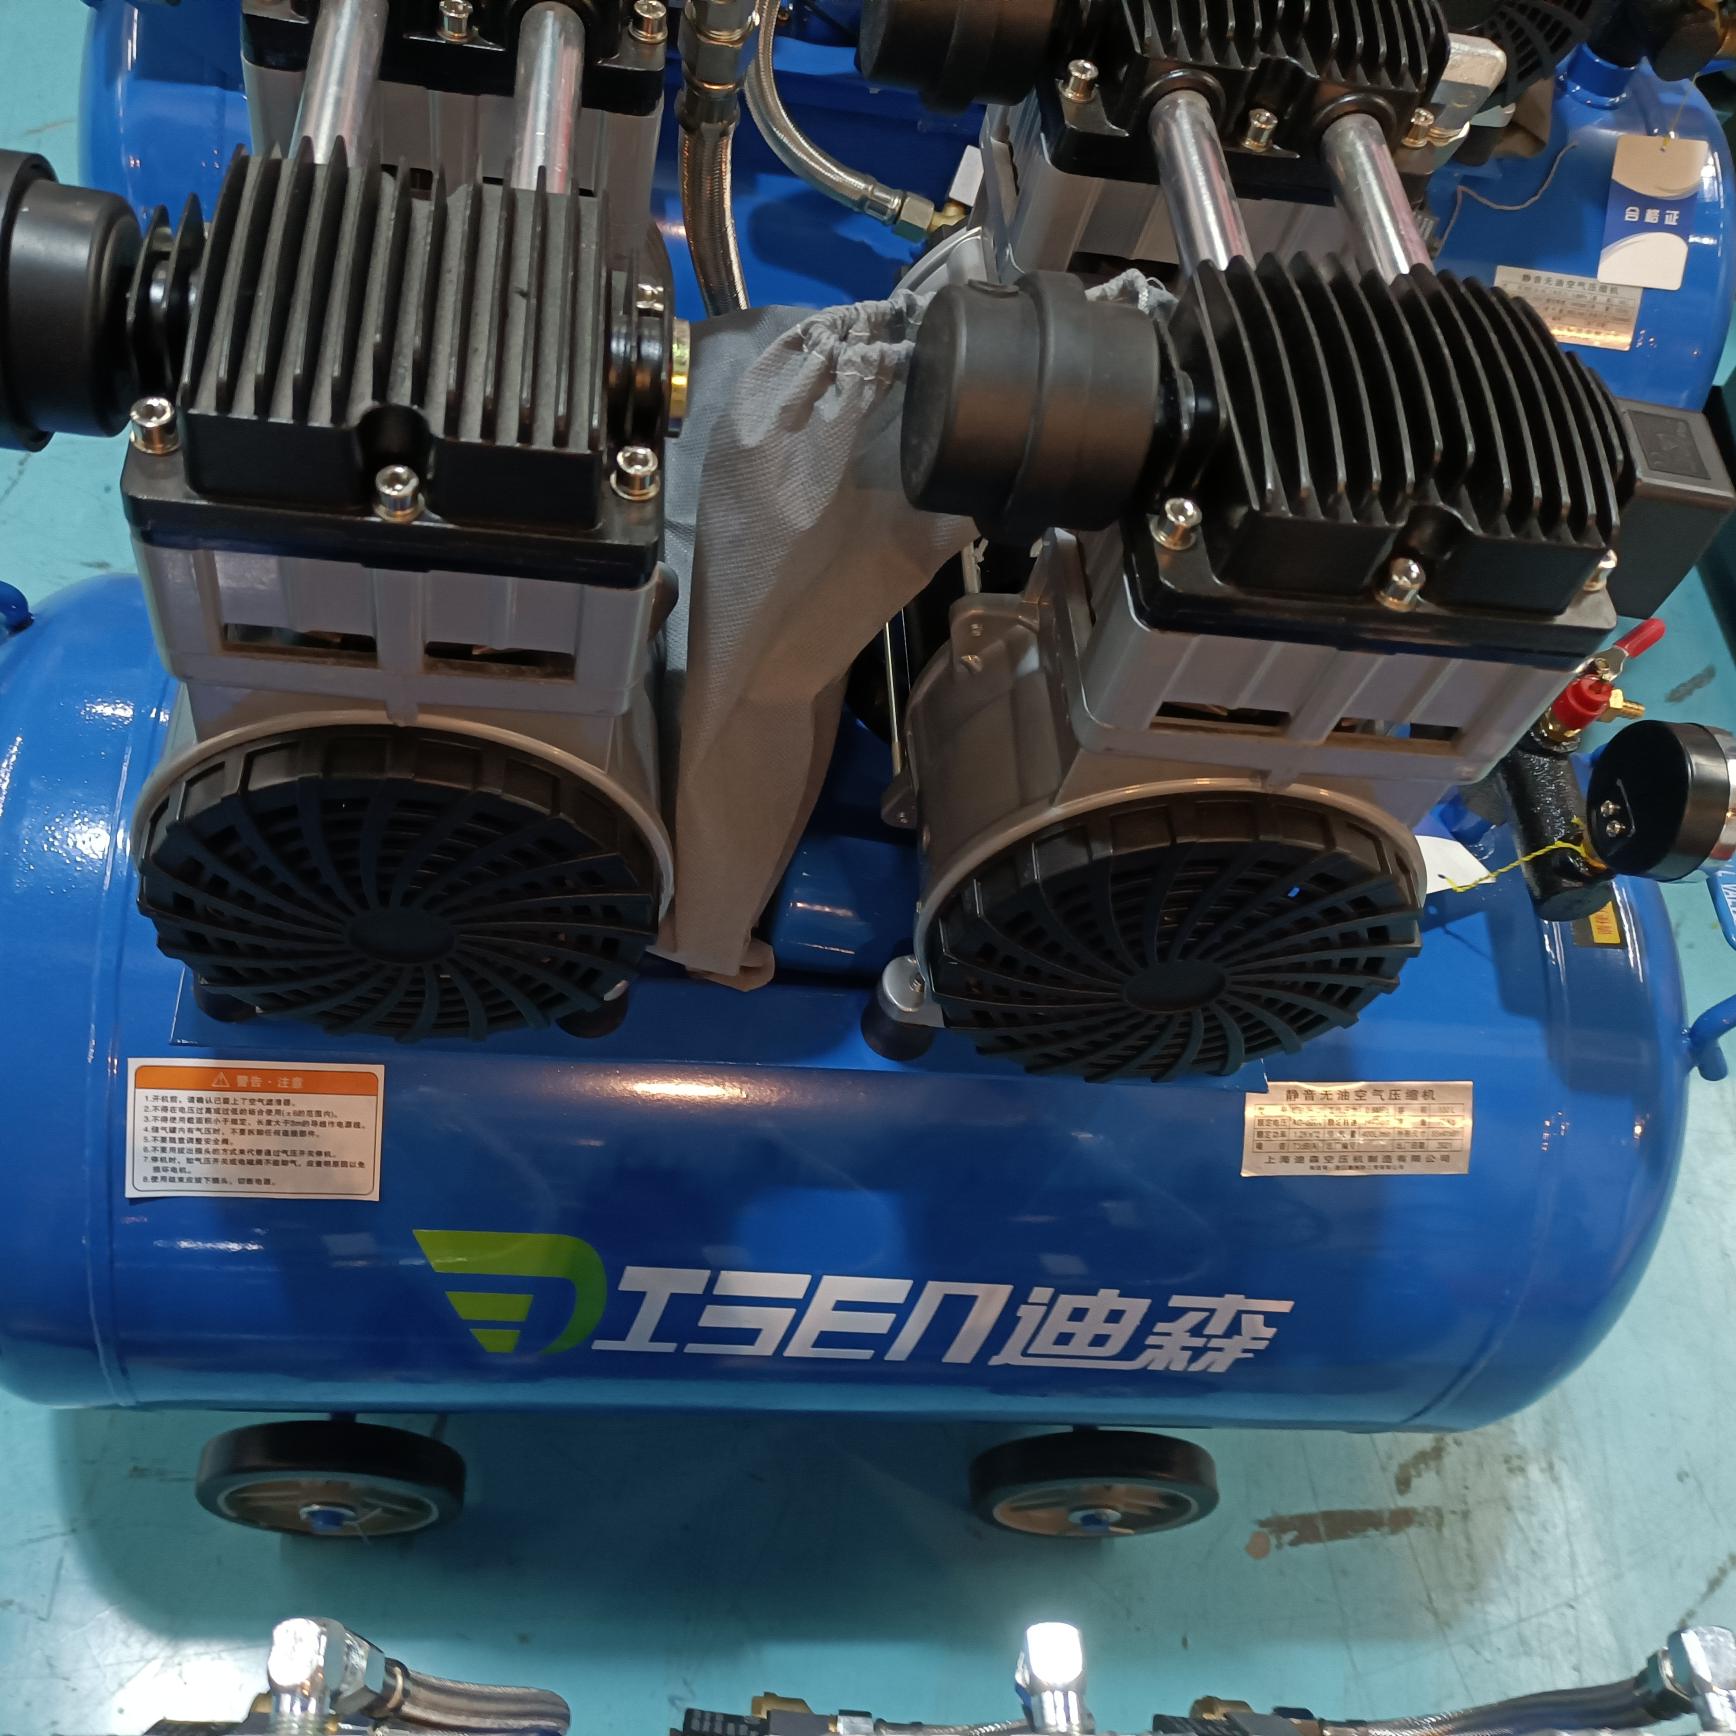 迪森静音无油空气压缩机2.4kw